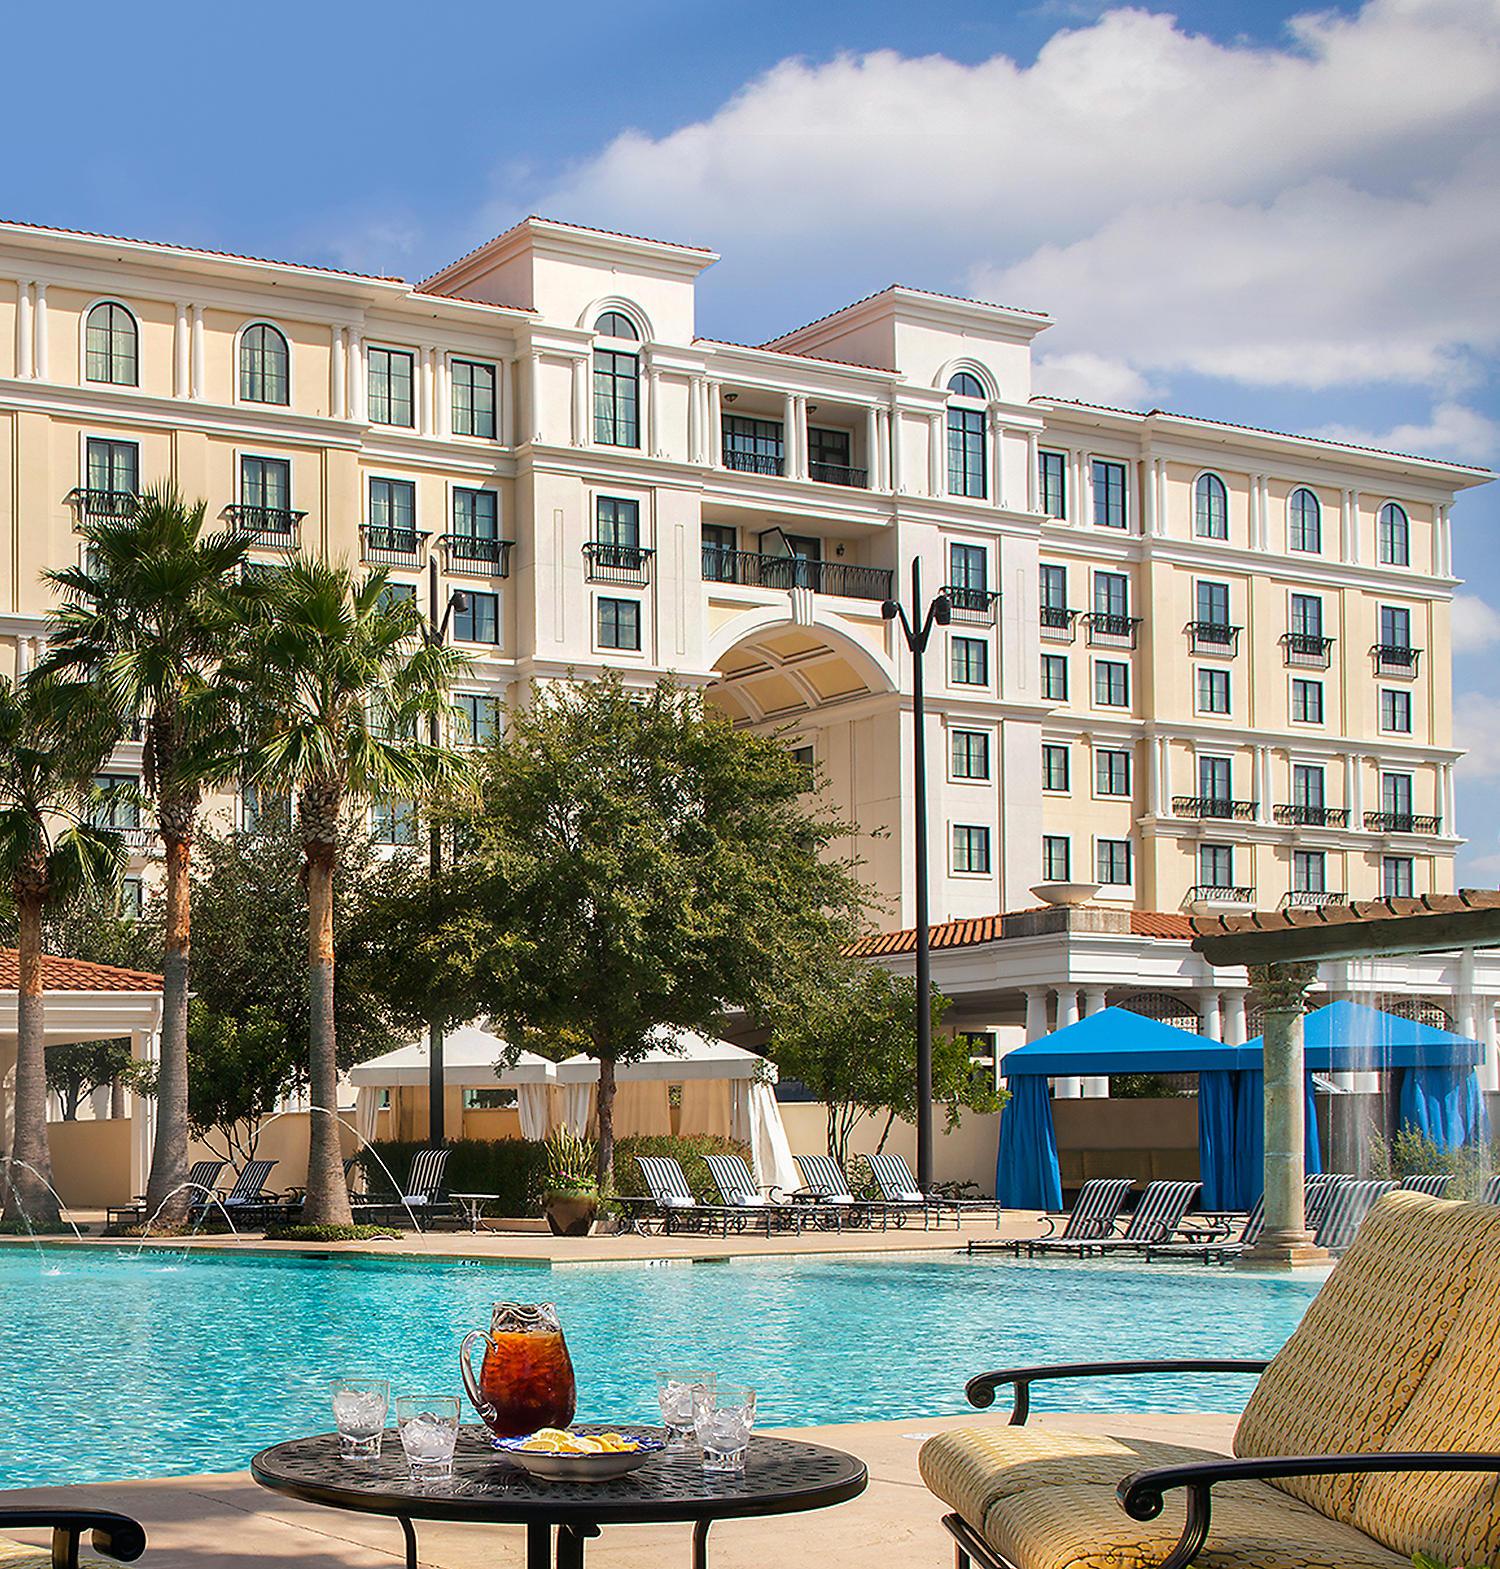 Eilan Hotel Spa San Antonio Texas Bluegreen Vacations